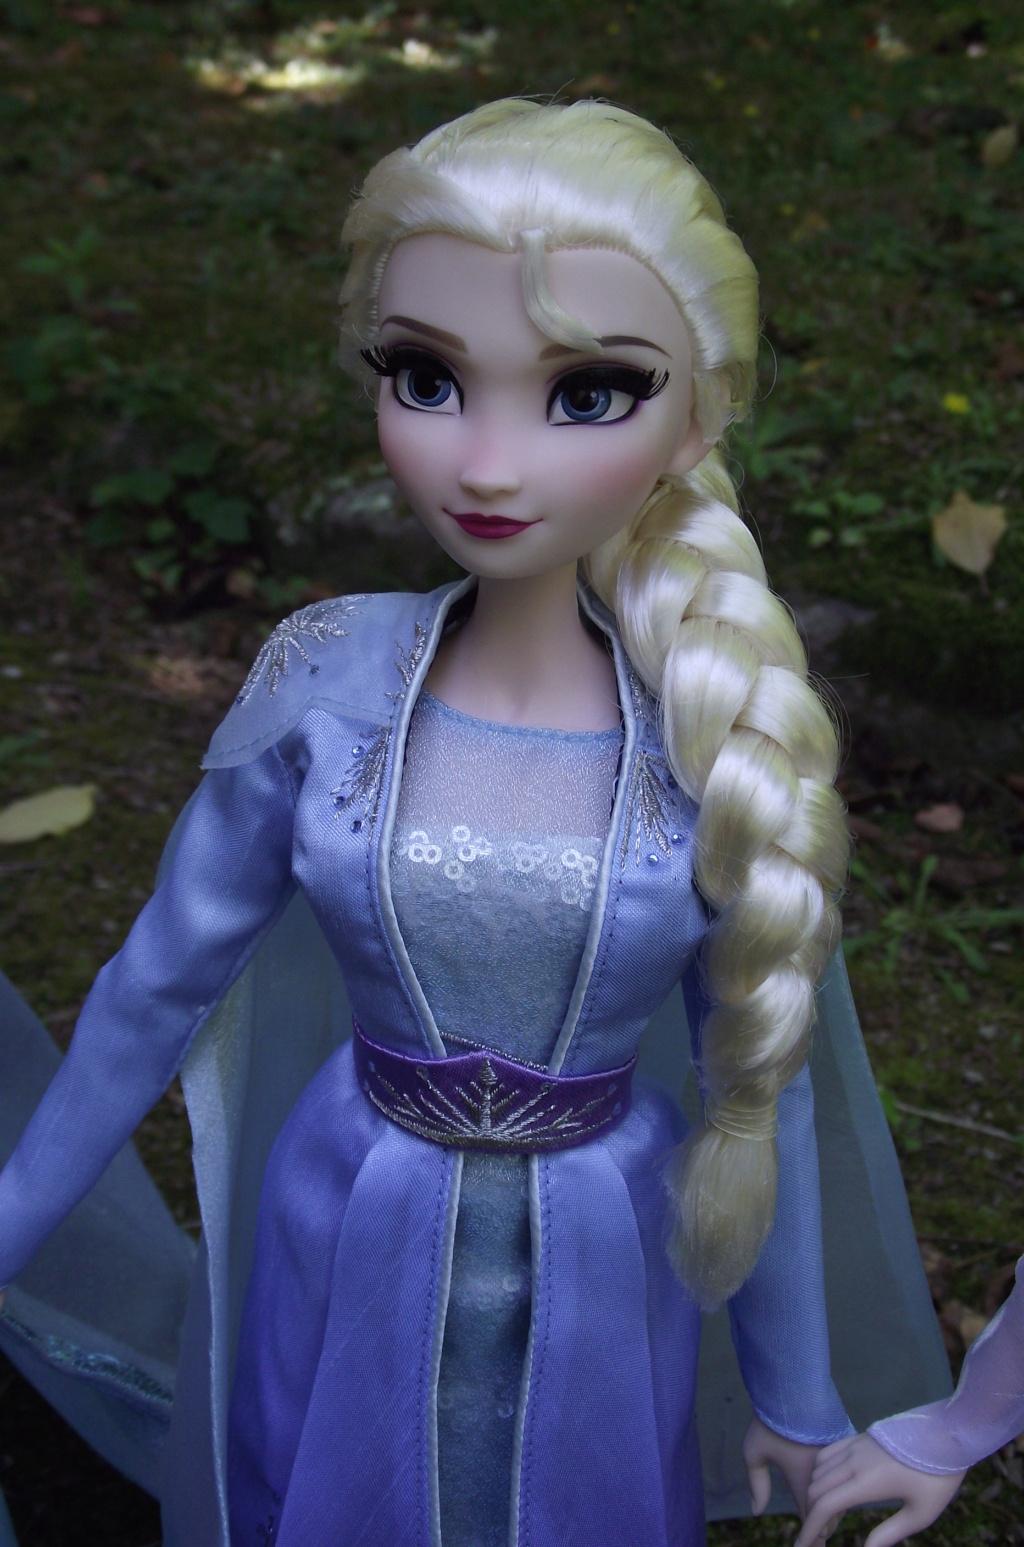 Nos poupées LE en photo : Pour le plaisir de partager - Page 29 Dscf4222